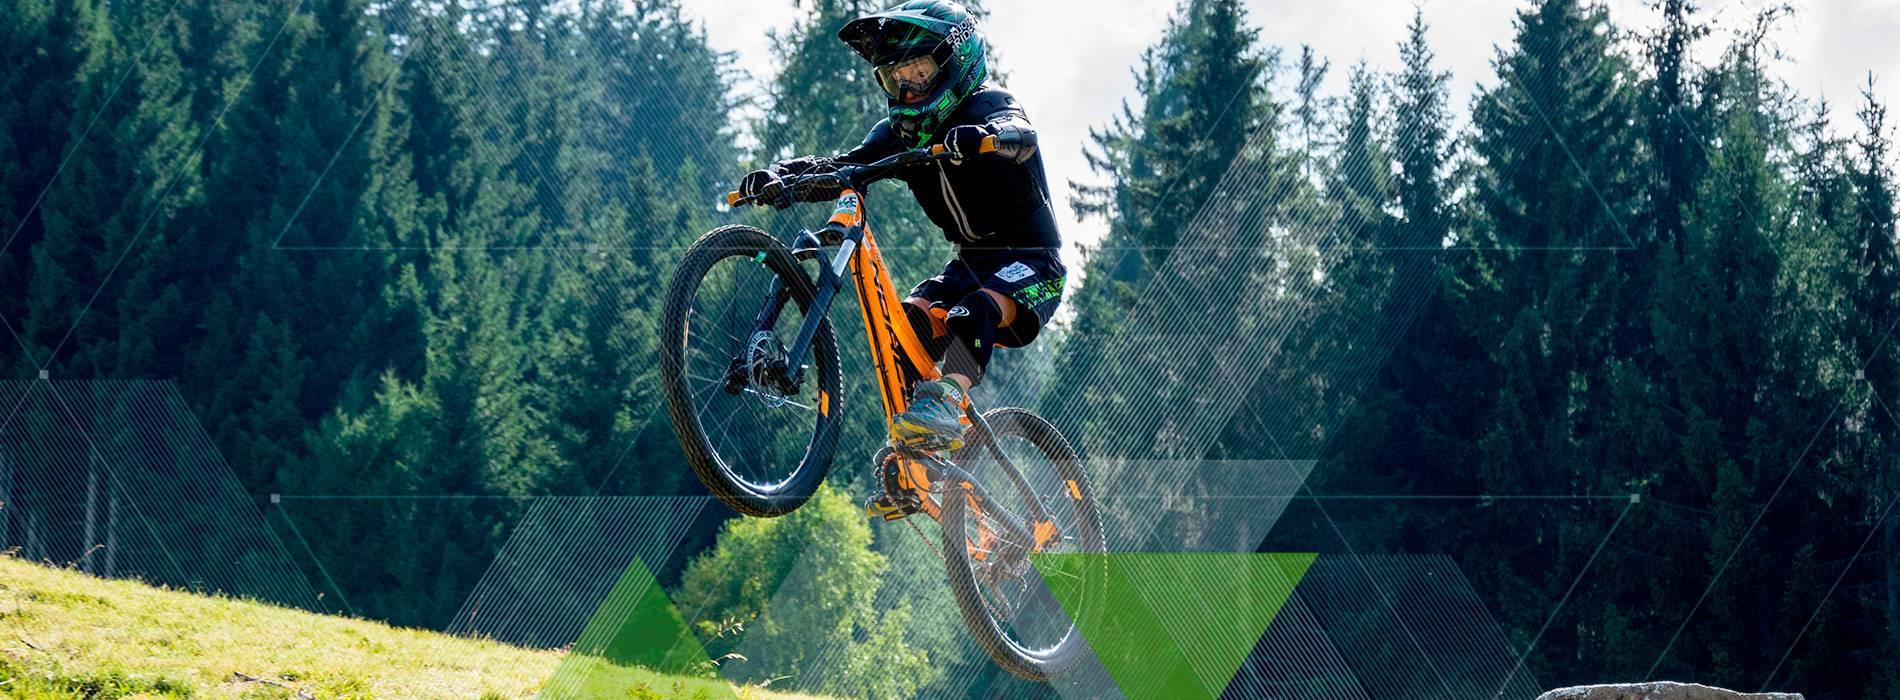 Slide CentroBikeValdiSole.com 6